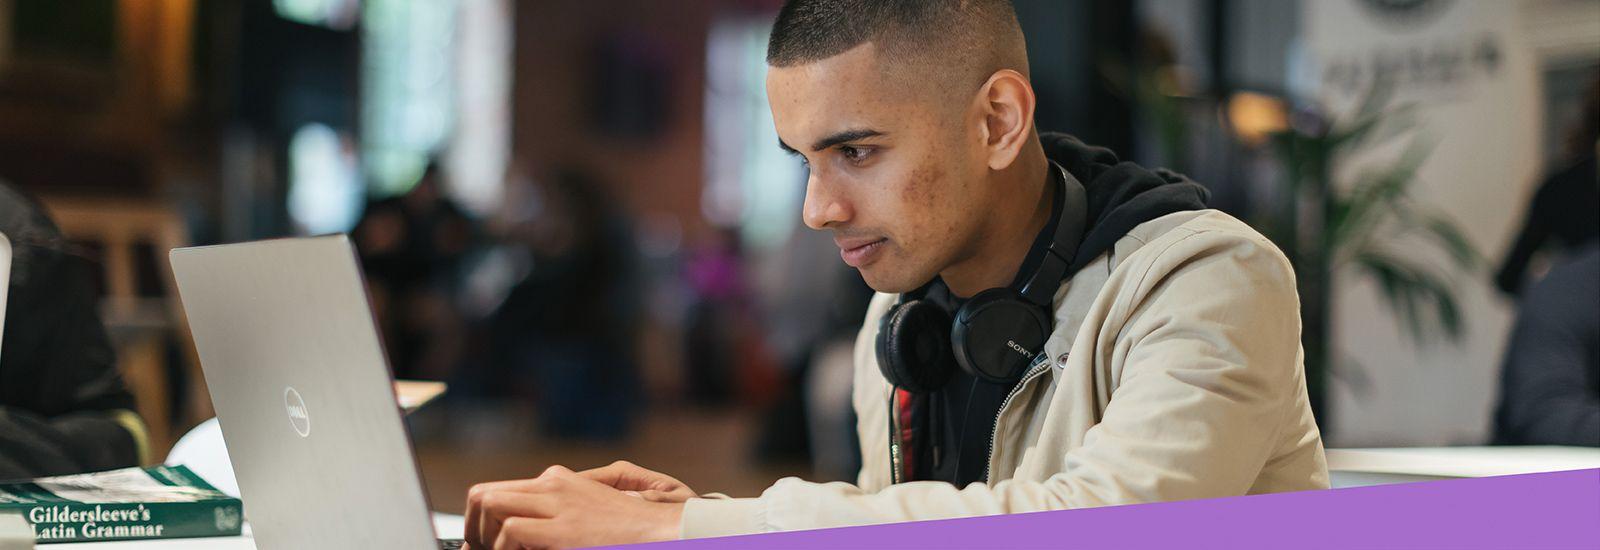 Undergraduate student using laptop